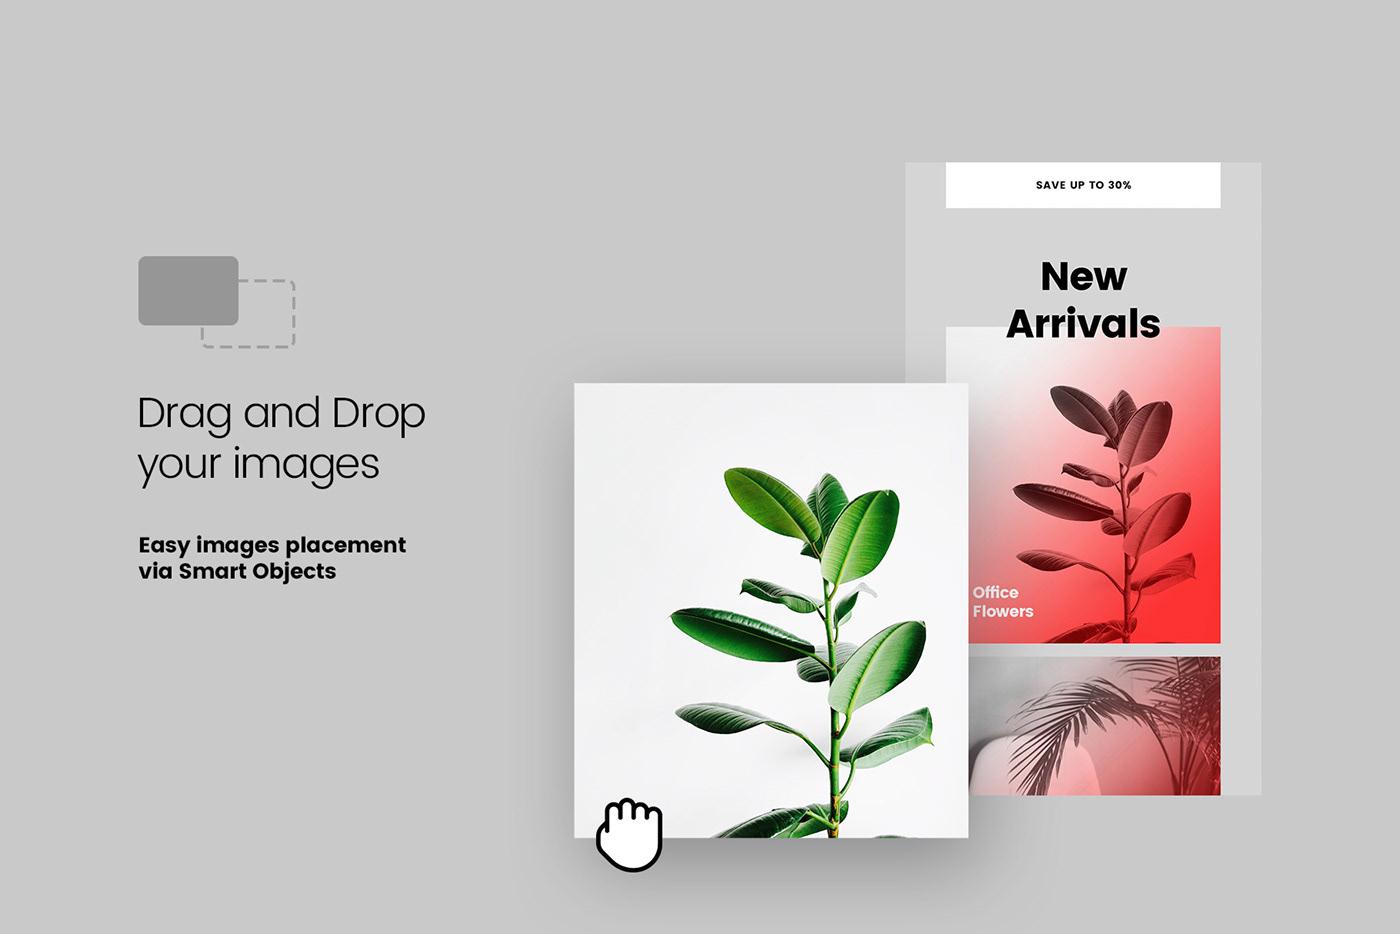 instagram Instagram Stories social media Promotion marketing   story INFLUENCER branding  social media kit brand kit